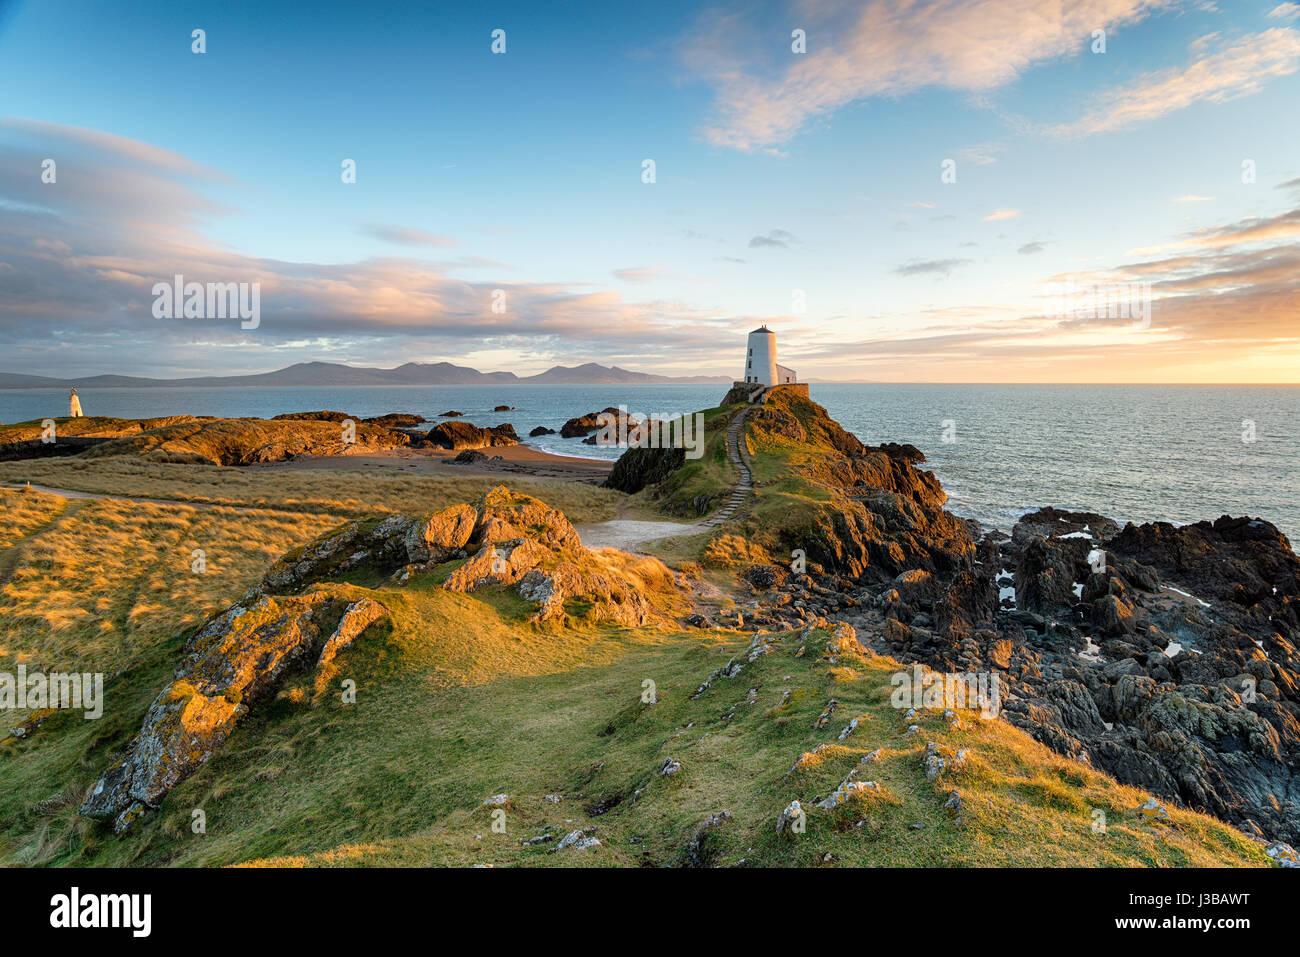 El faro de la hermosa isla Llanddyn Anglesy en la costa de Gales Imagen De Stock